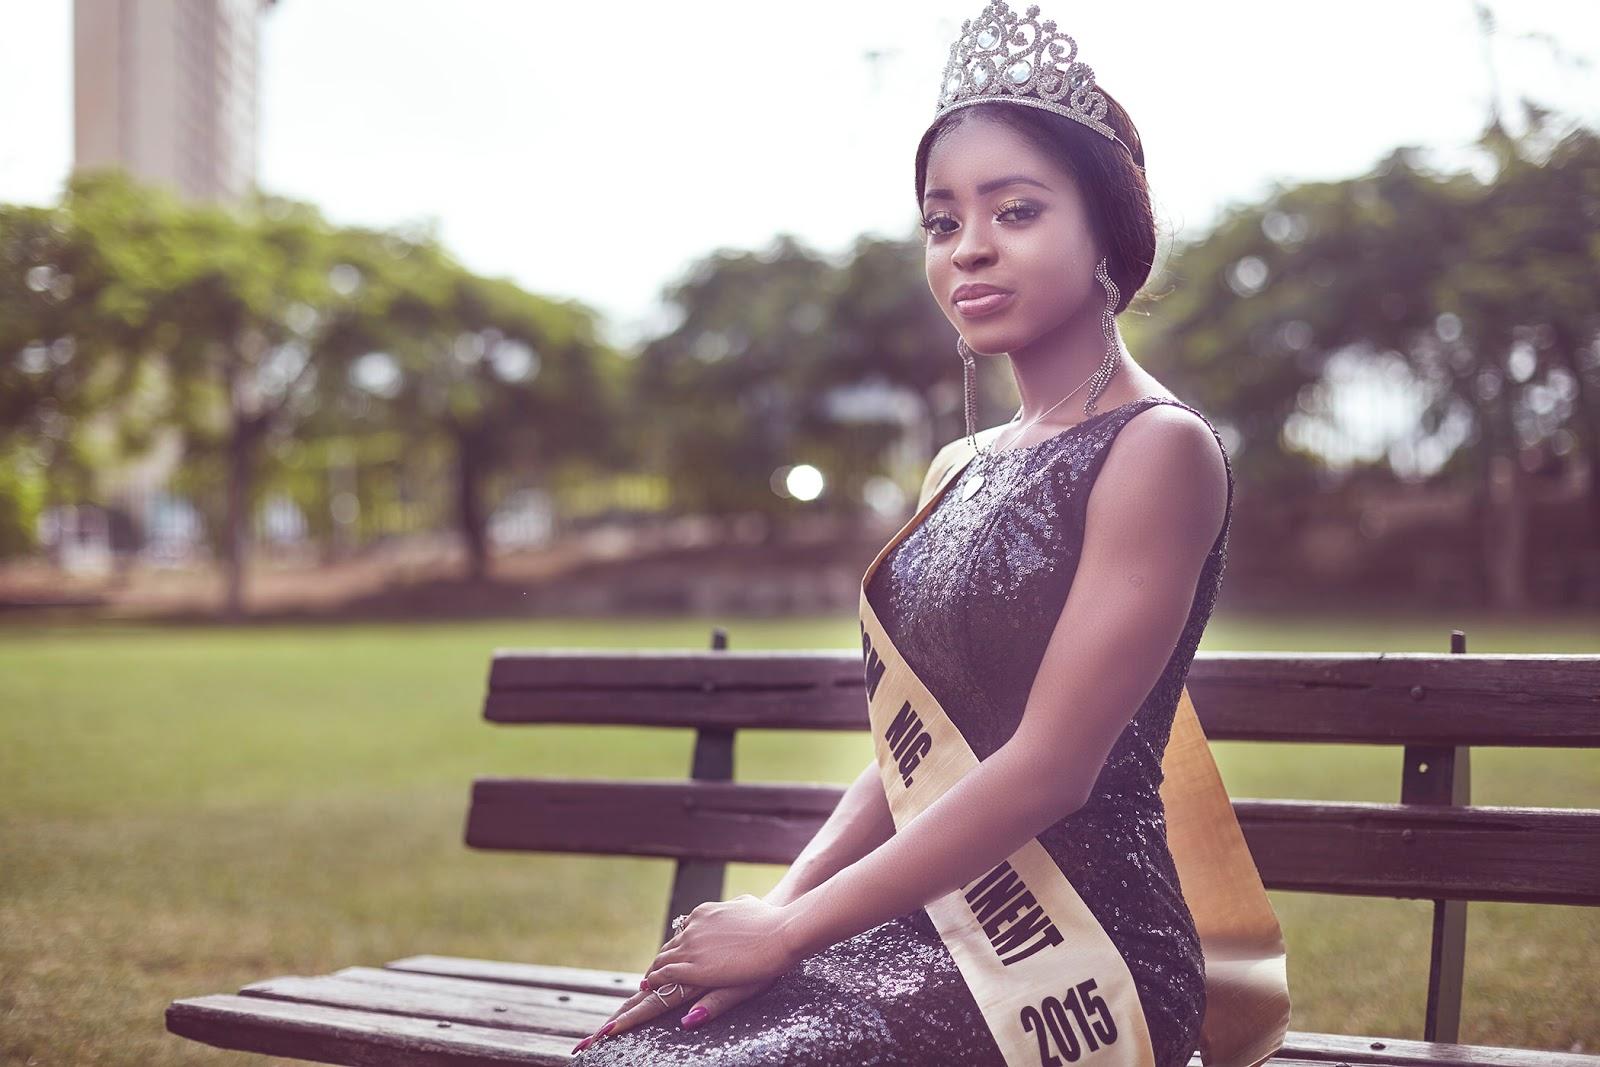 celine anderson miss tourism nigeria continent 2015 portrait 03